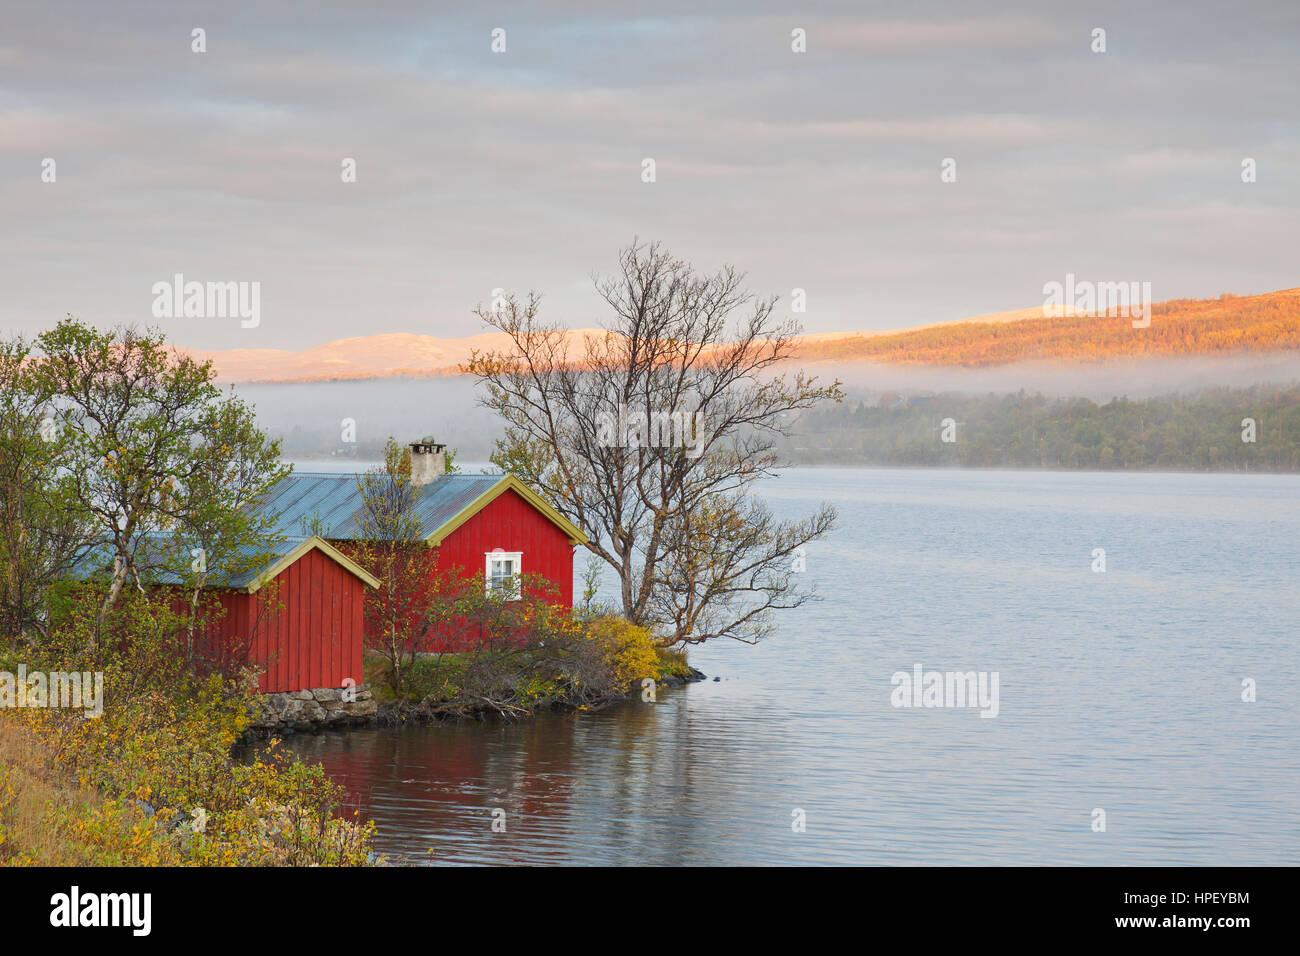 Tipica rorbu rosso / rorbuer o Fisherman's cabin lungo il lago Avsjoen / Avsjøen in autunno a Dovrefjell, Immagini Stock